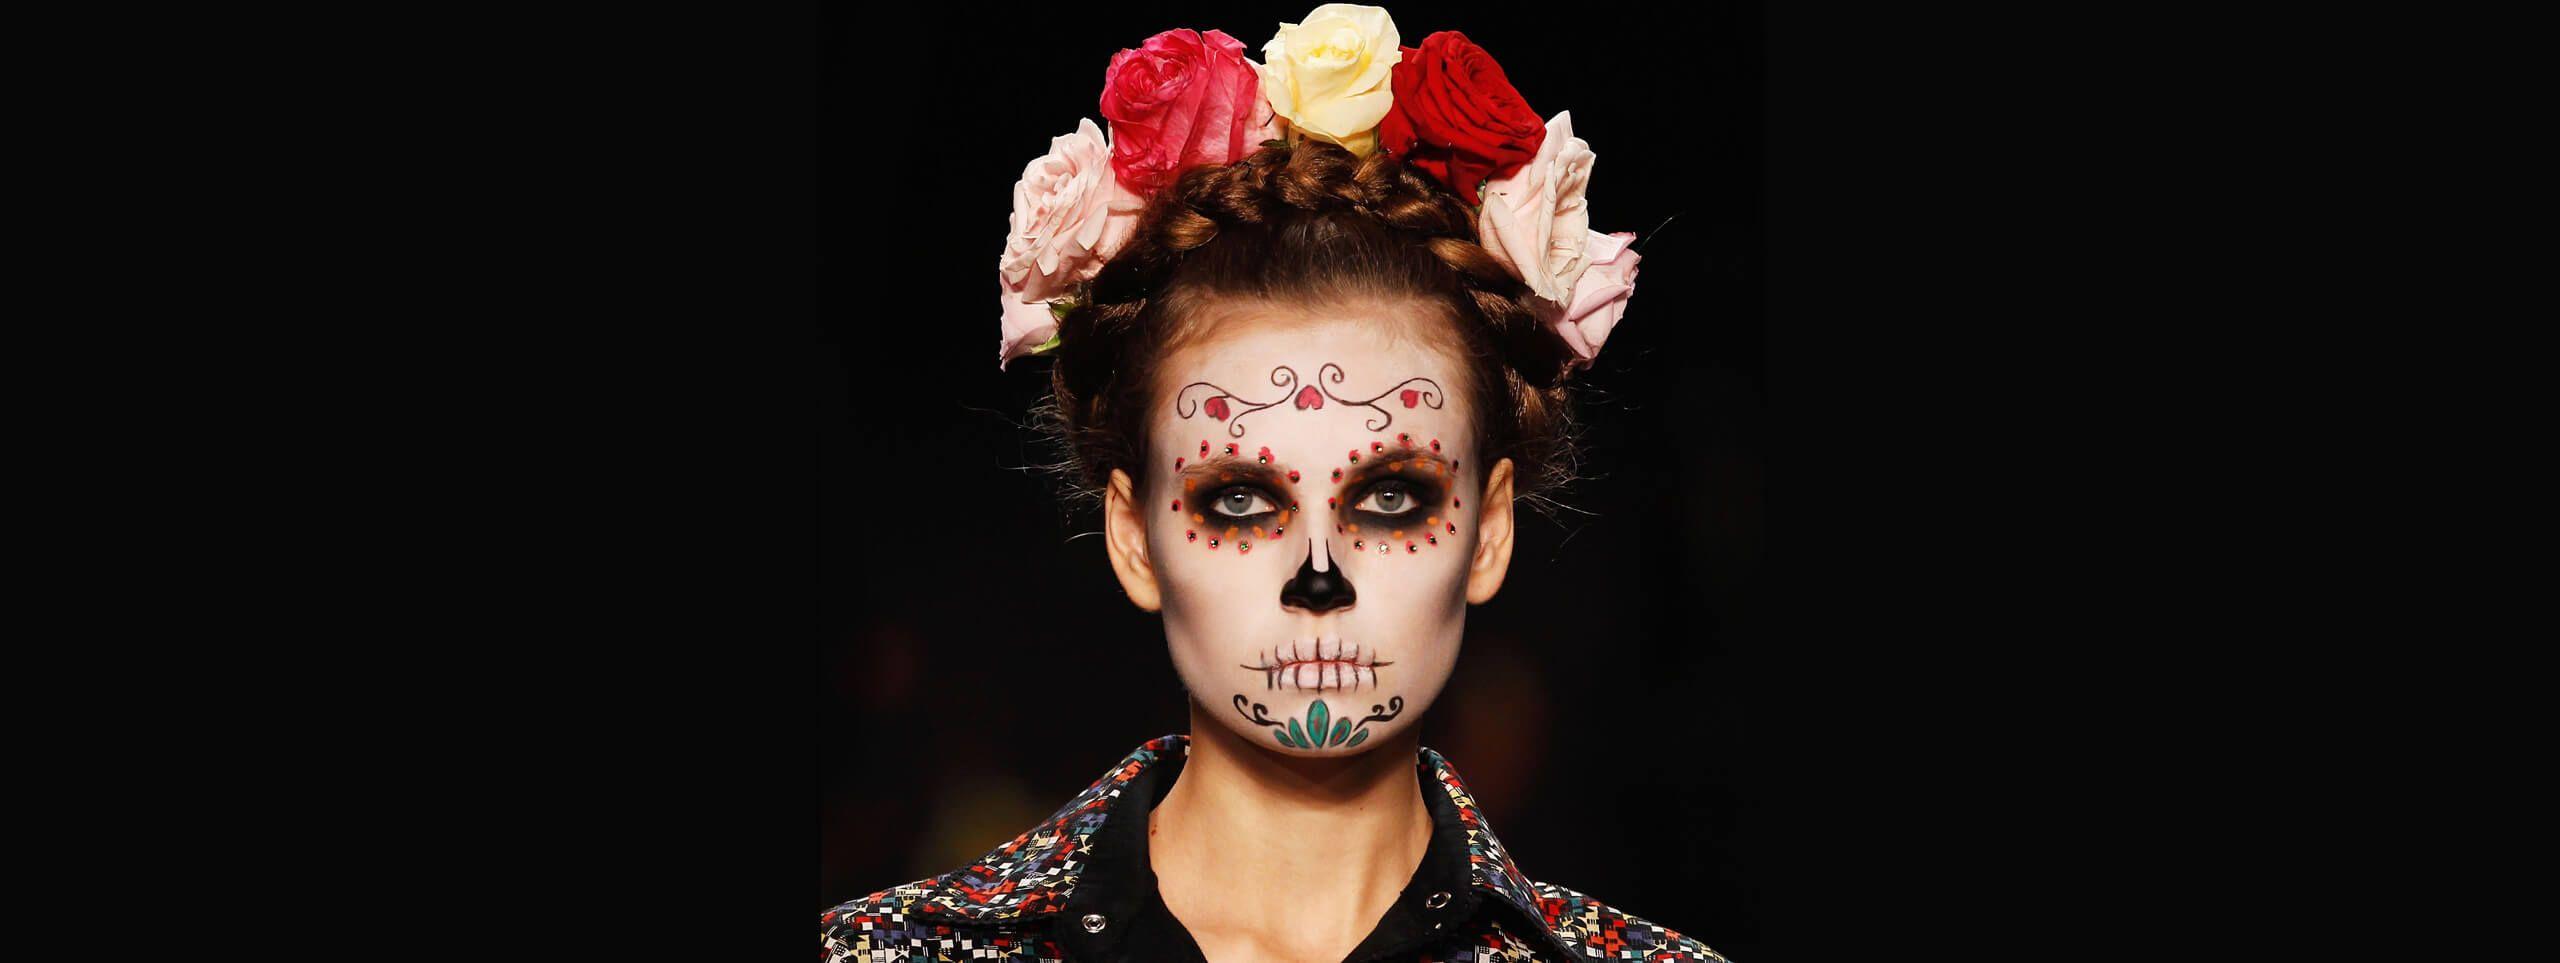 Modelka z plecioną fryzurą z opaska z kwiatów i makijażem w stylu Halloween